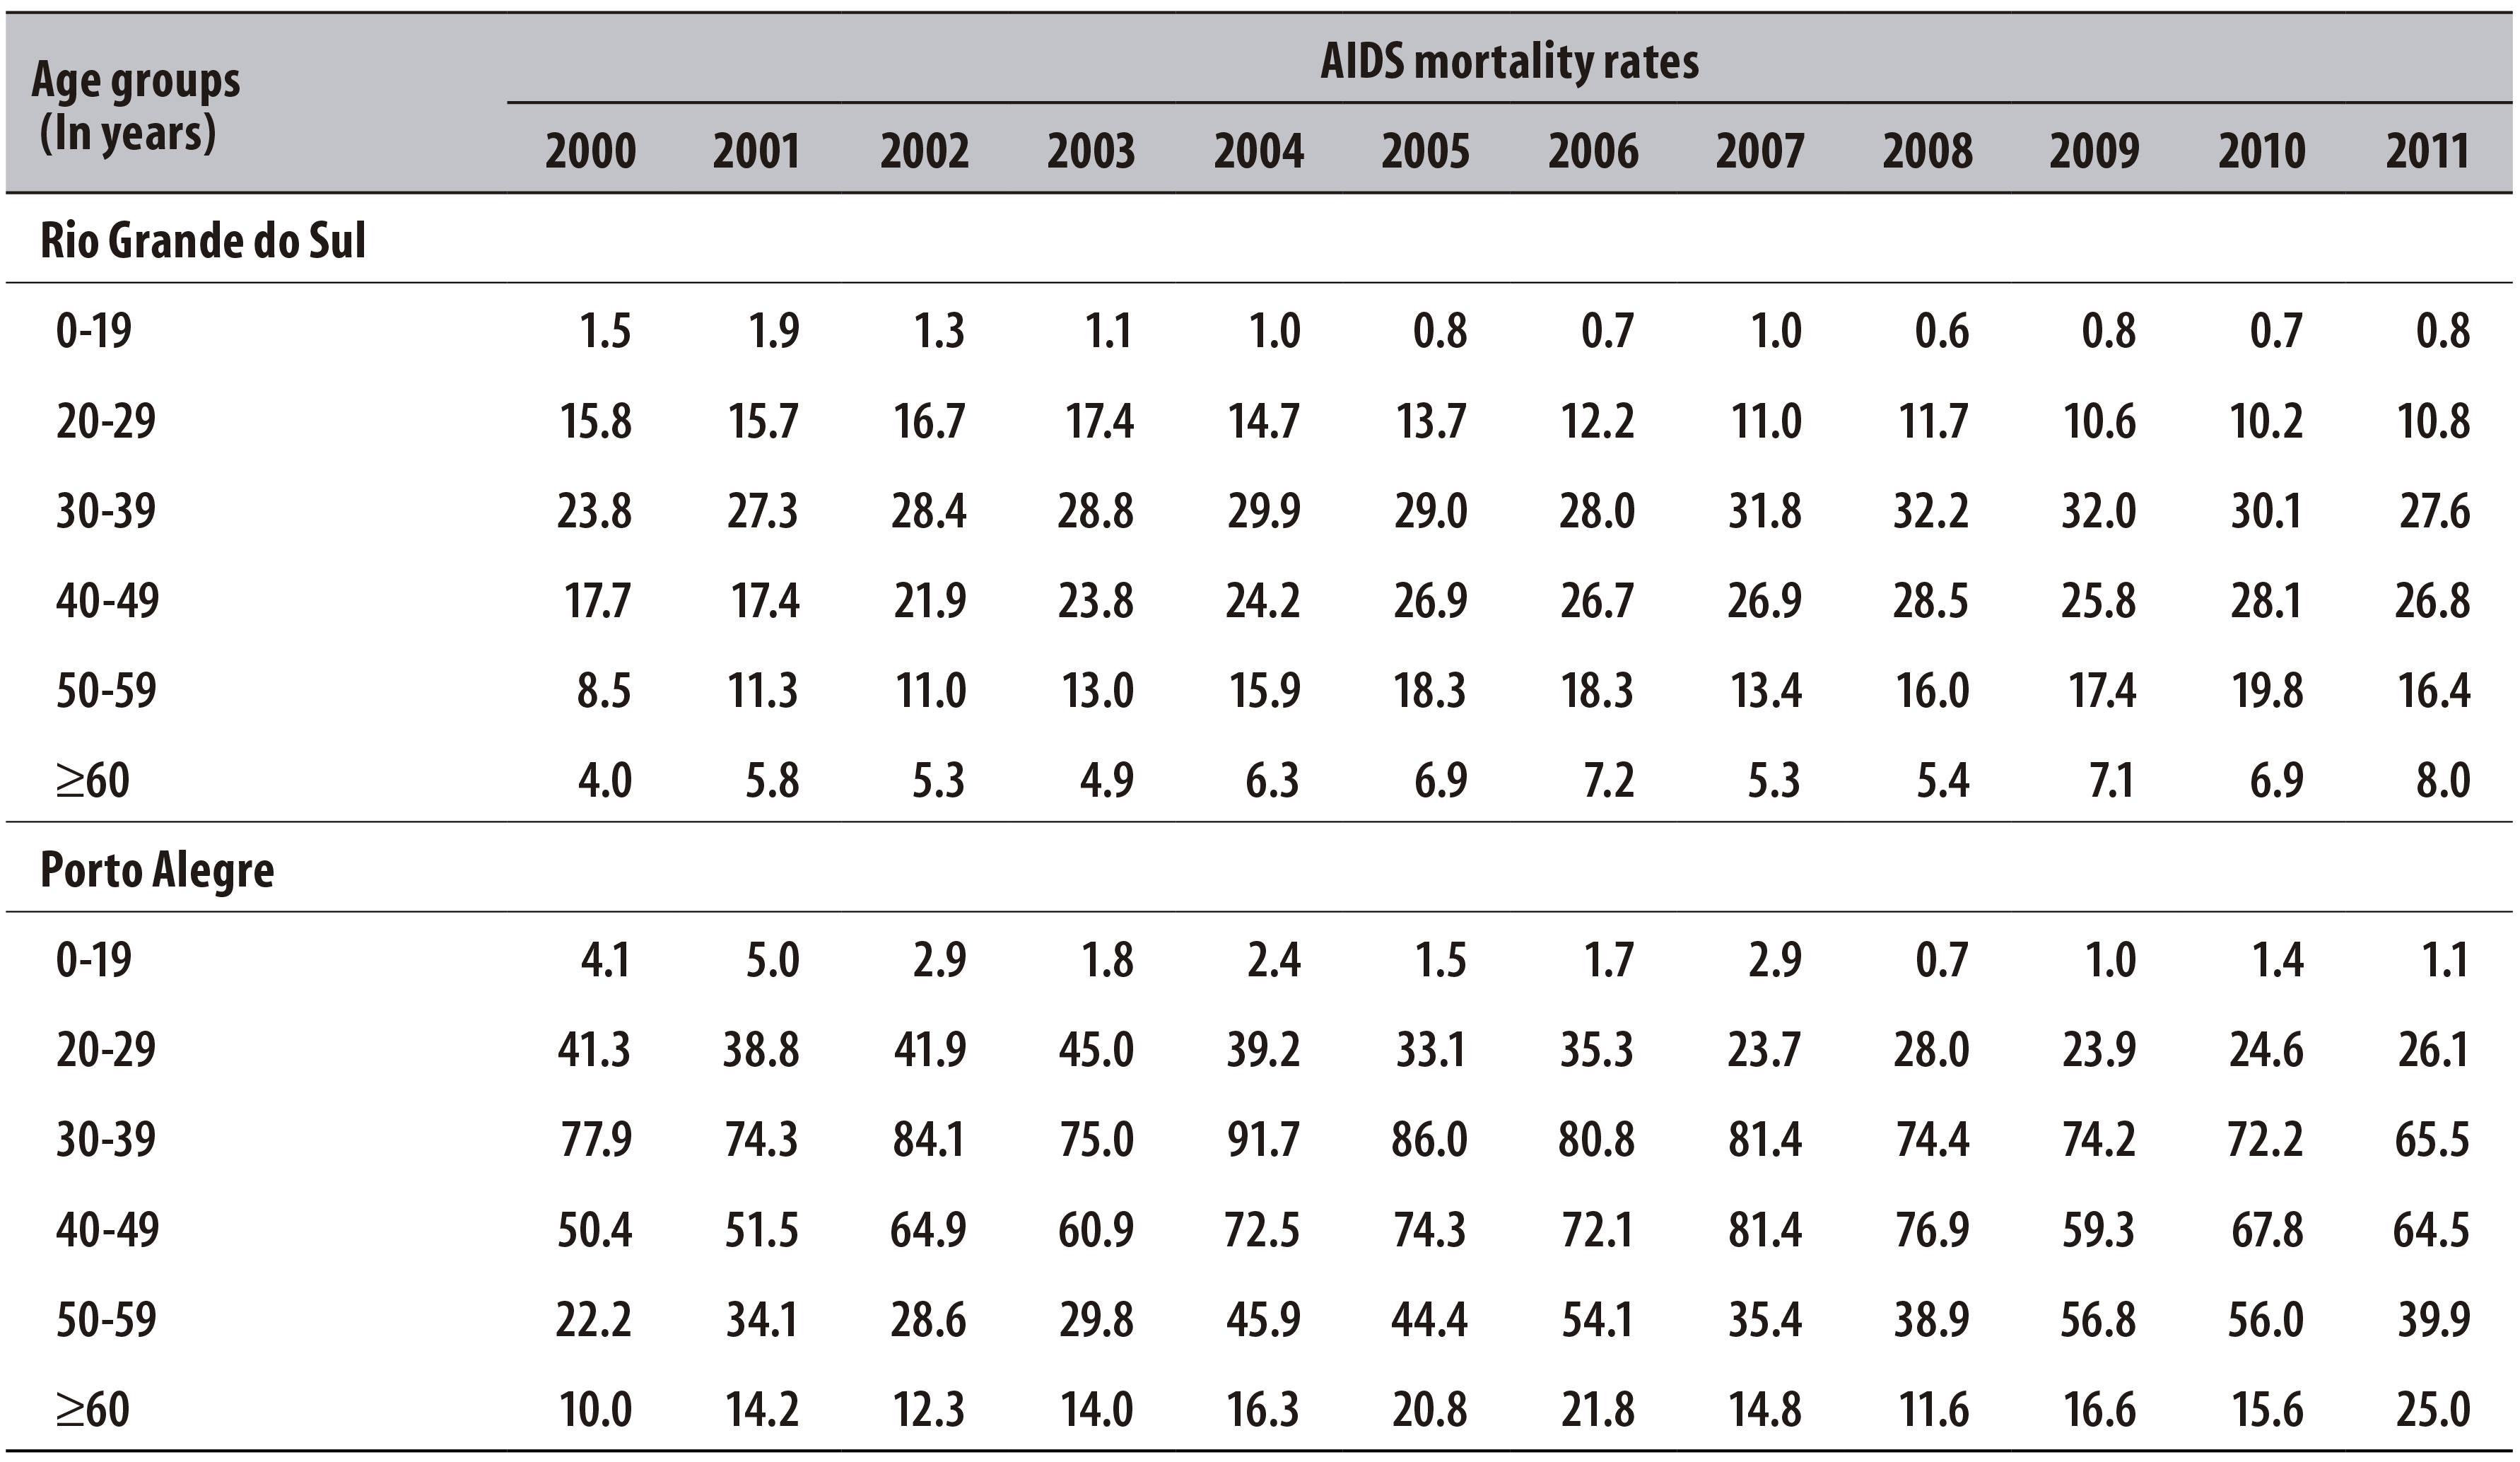 Saúde Pública - Tendência da mortalidade por aids segundo